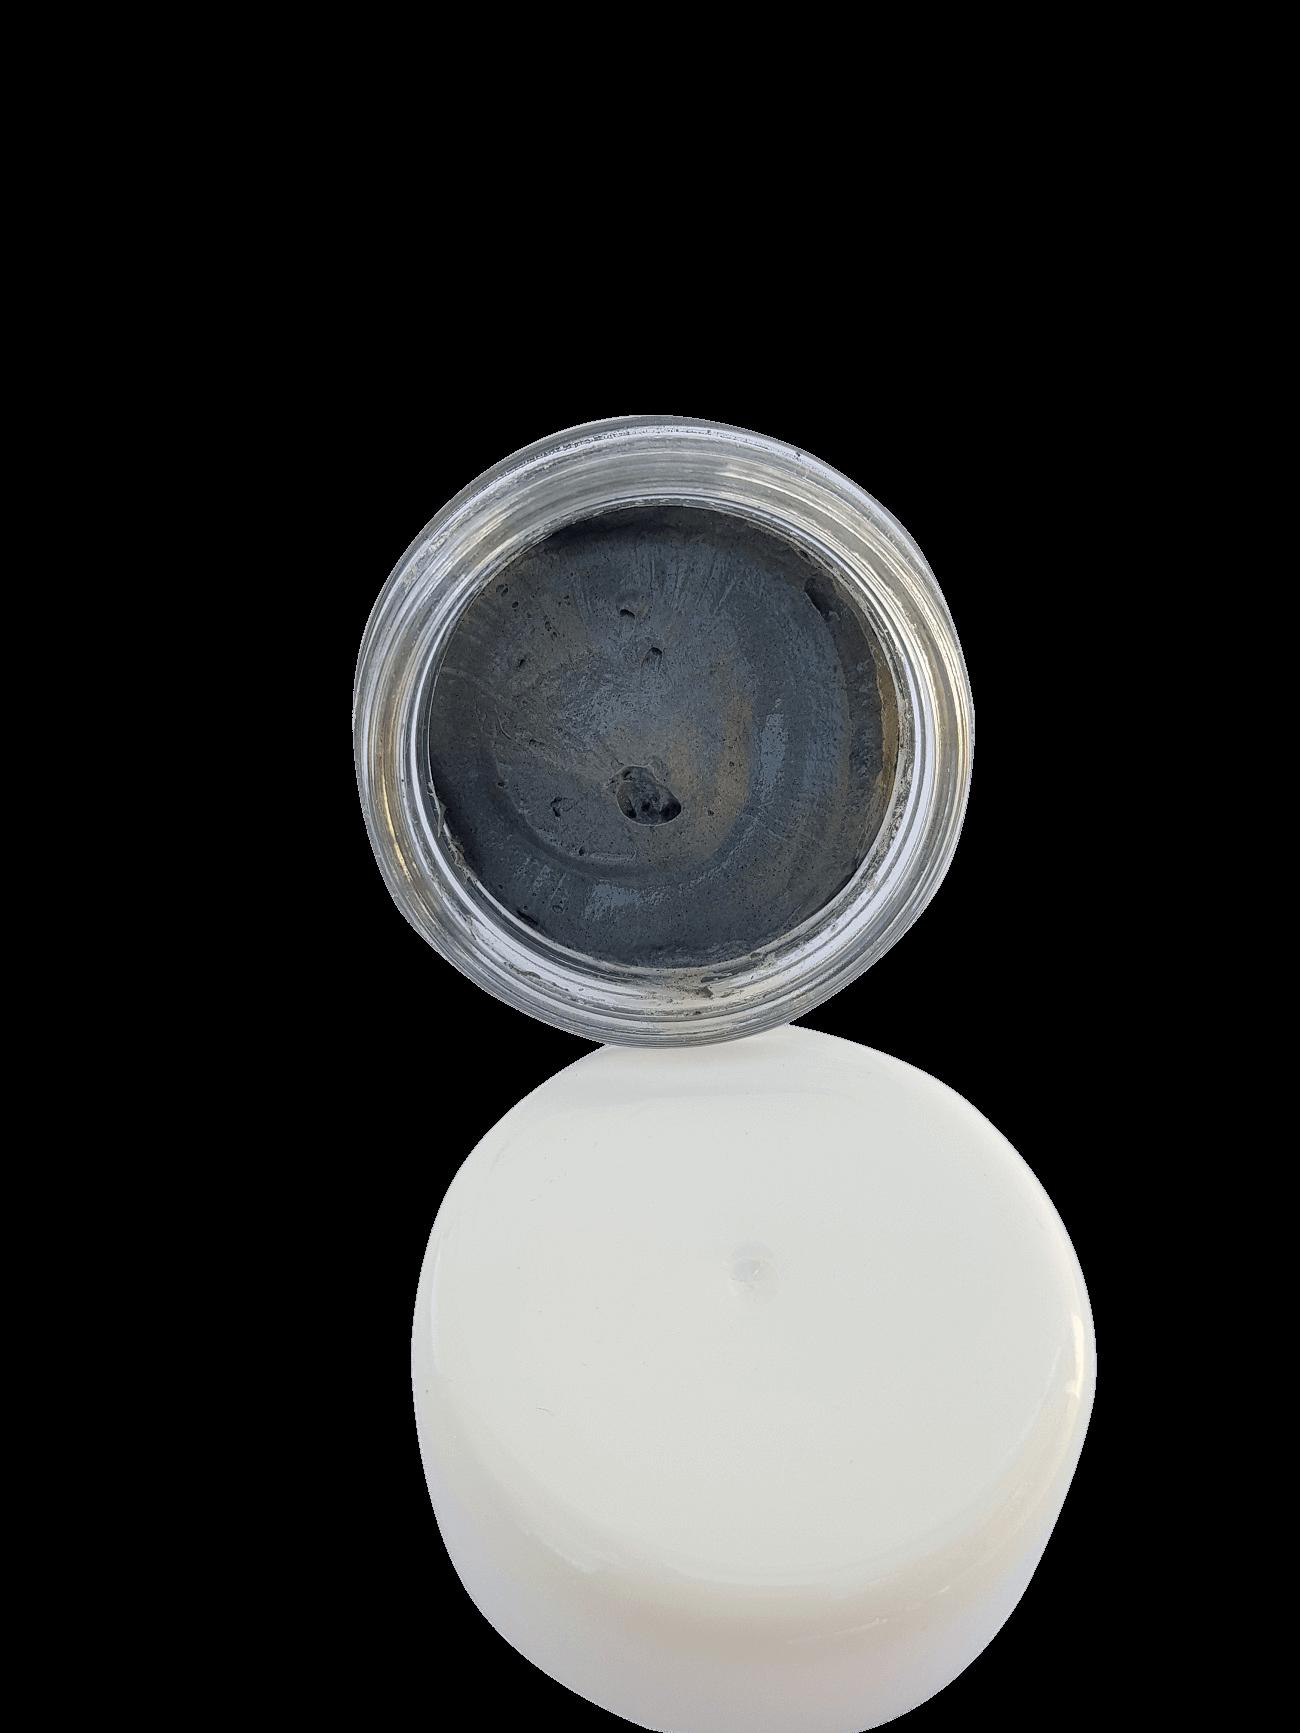 Máscara de Argila Preta - 60g  - Saboaria Nativa Ecocosméticos